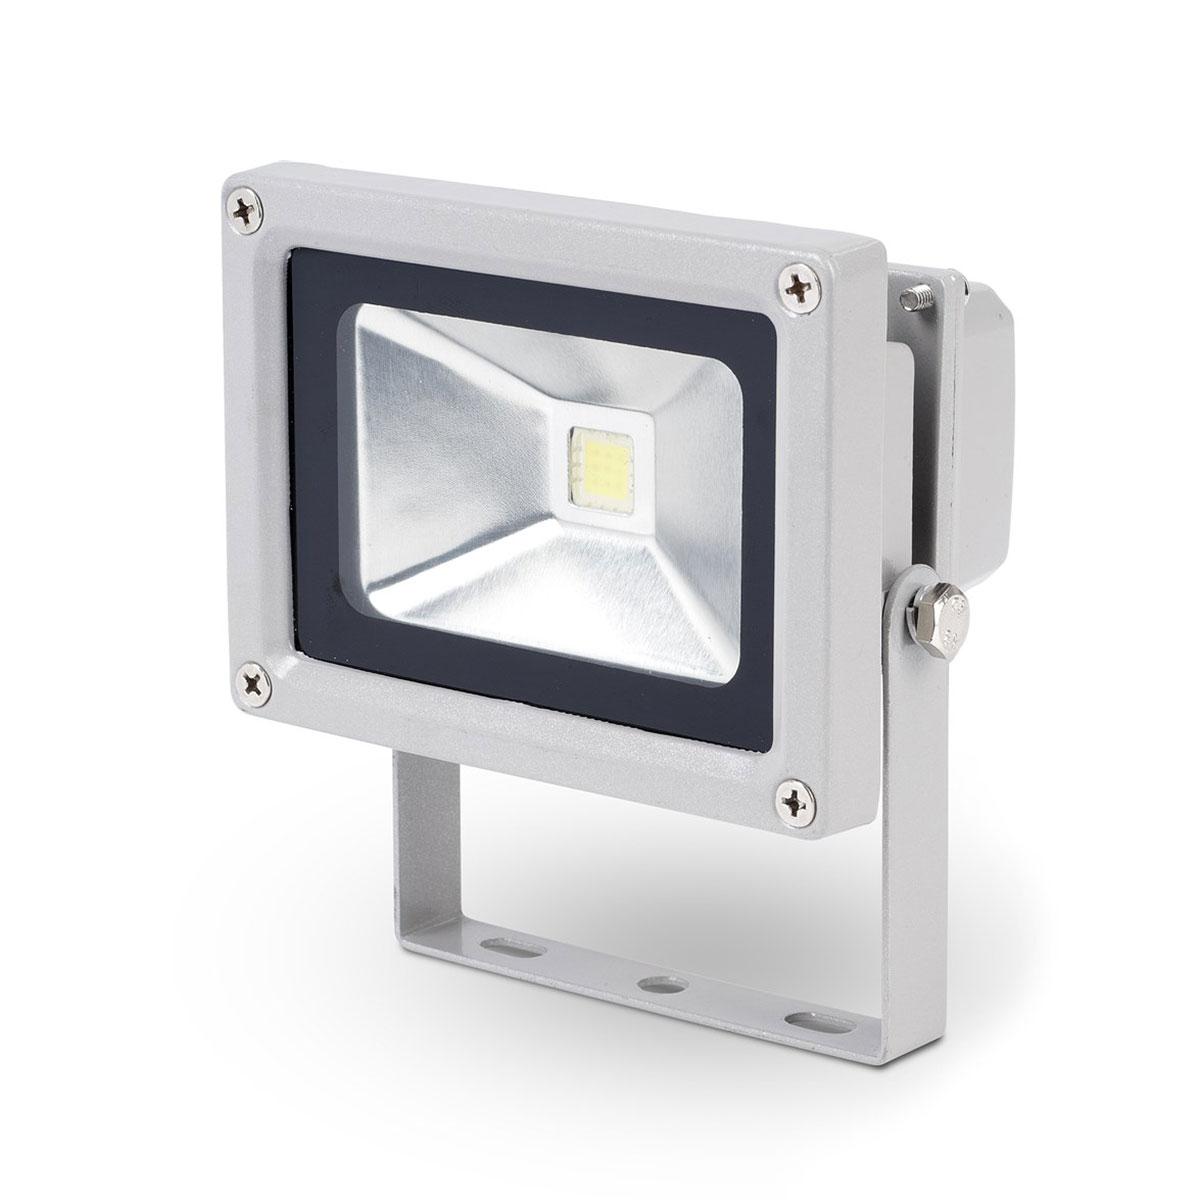 Powerplus 10W LED Weatherproof Floodlight POWLI20110